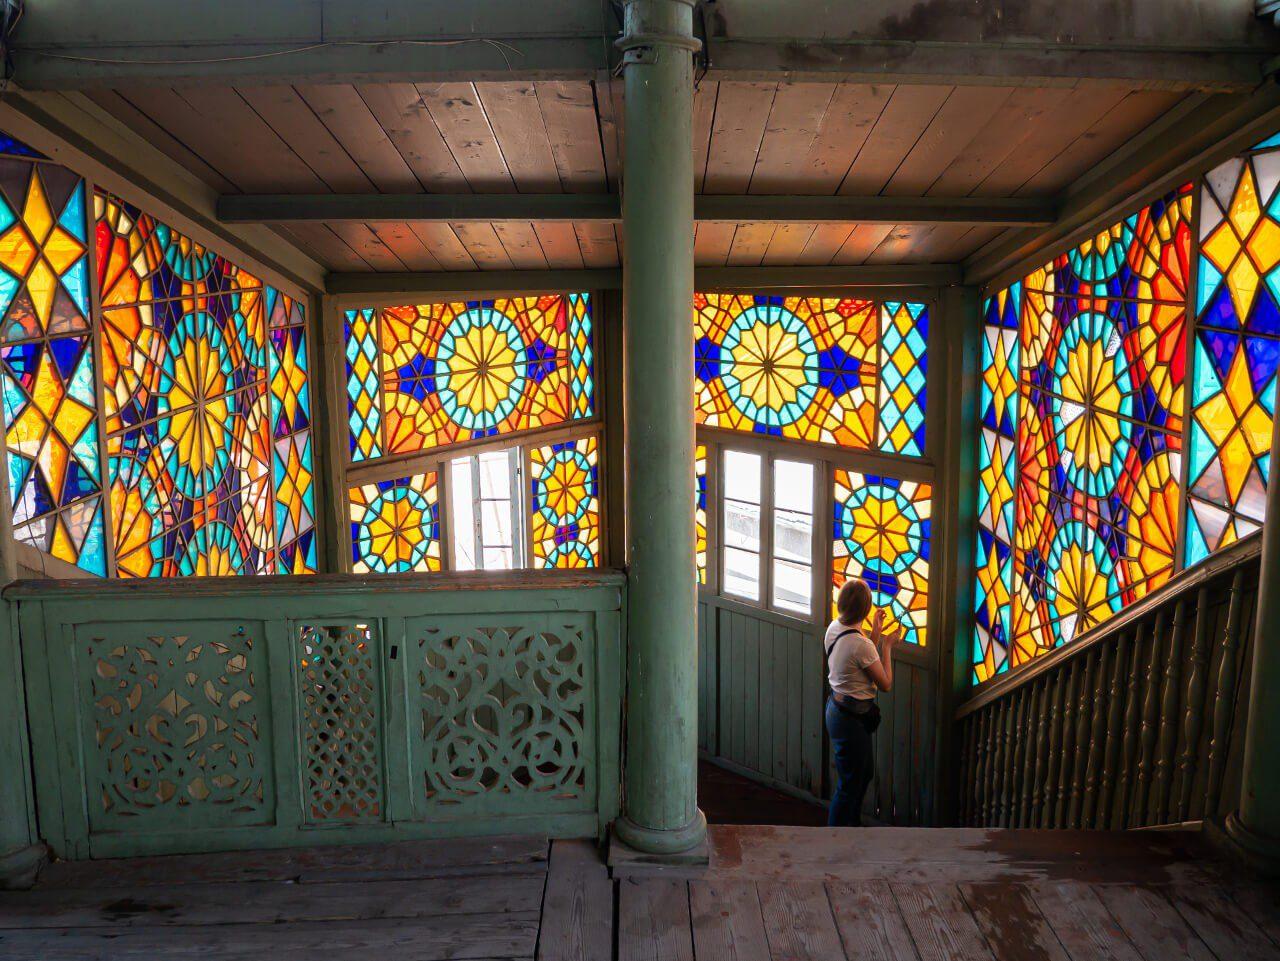 Witraże w Galerii 27 w Tbilisi